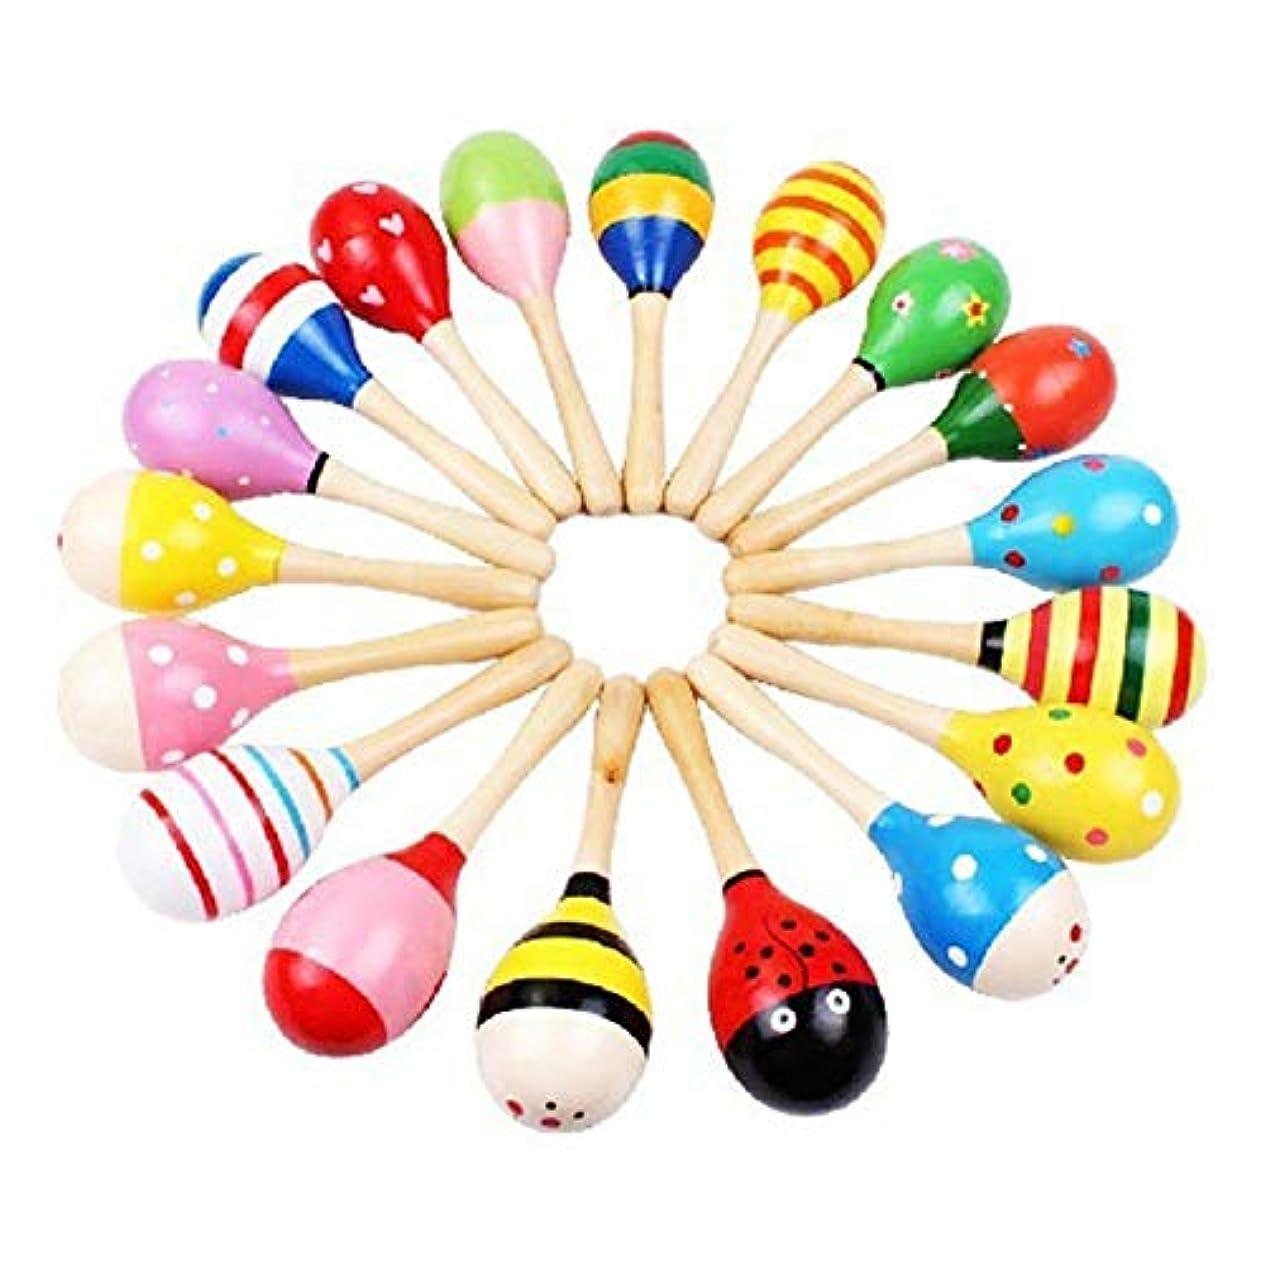 損なう道路委任するベビー用品 幼児のおもちゃ CZ 3 PCSカラフルな木製ベビー子供楽器ラトルシェーカーパーティー子供のギフトのおもちゃ(色ランダム) (色 : Color Random)